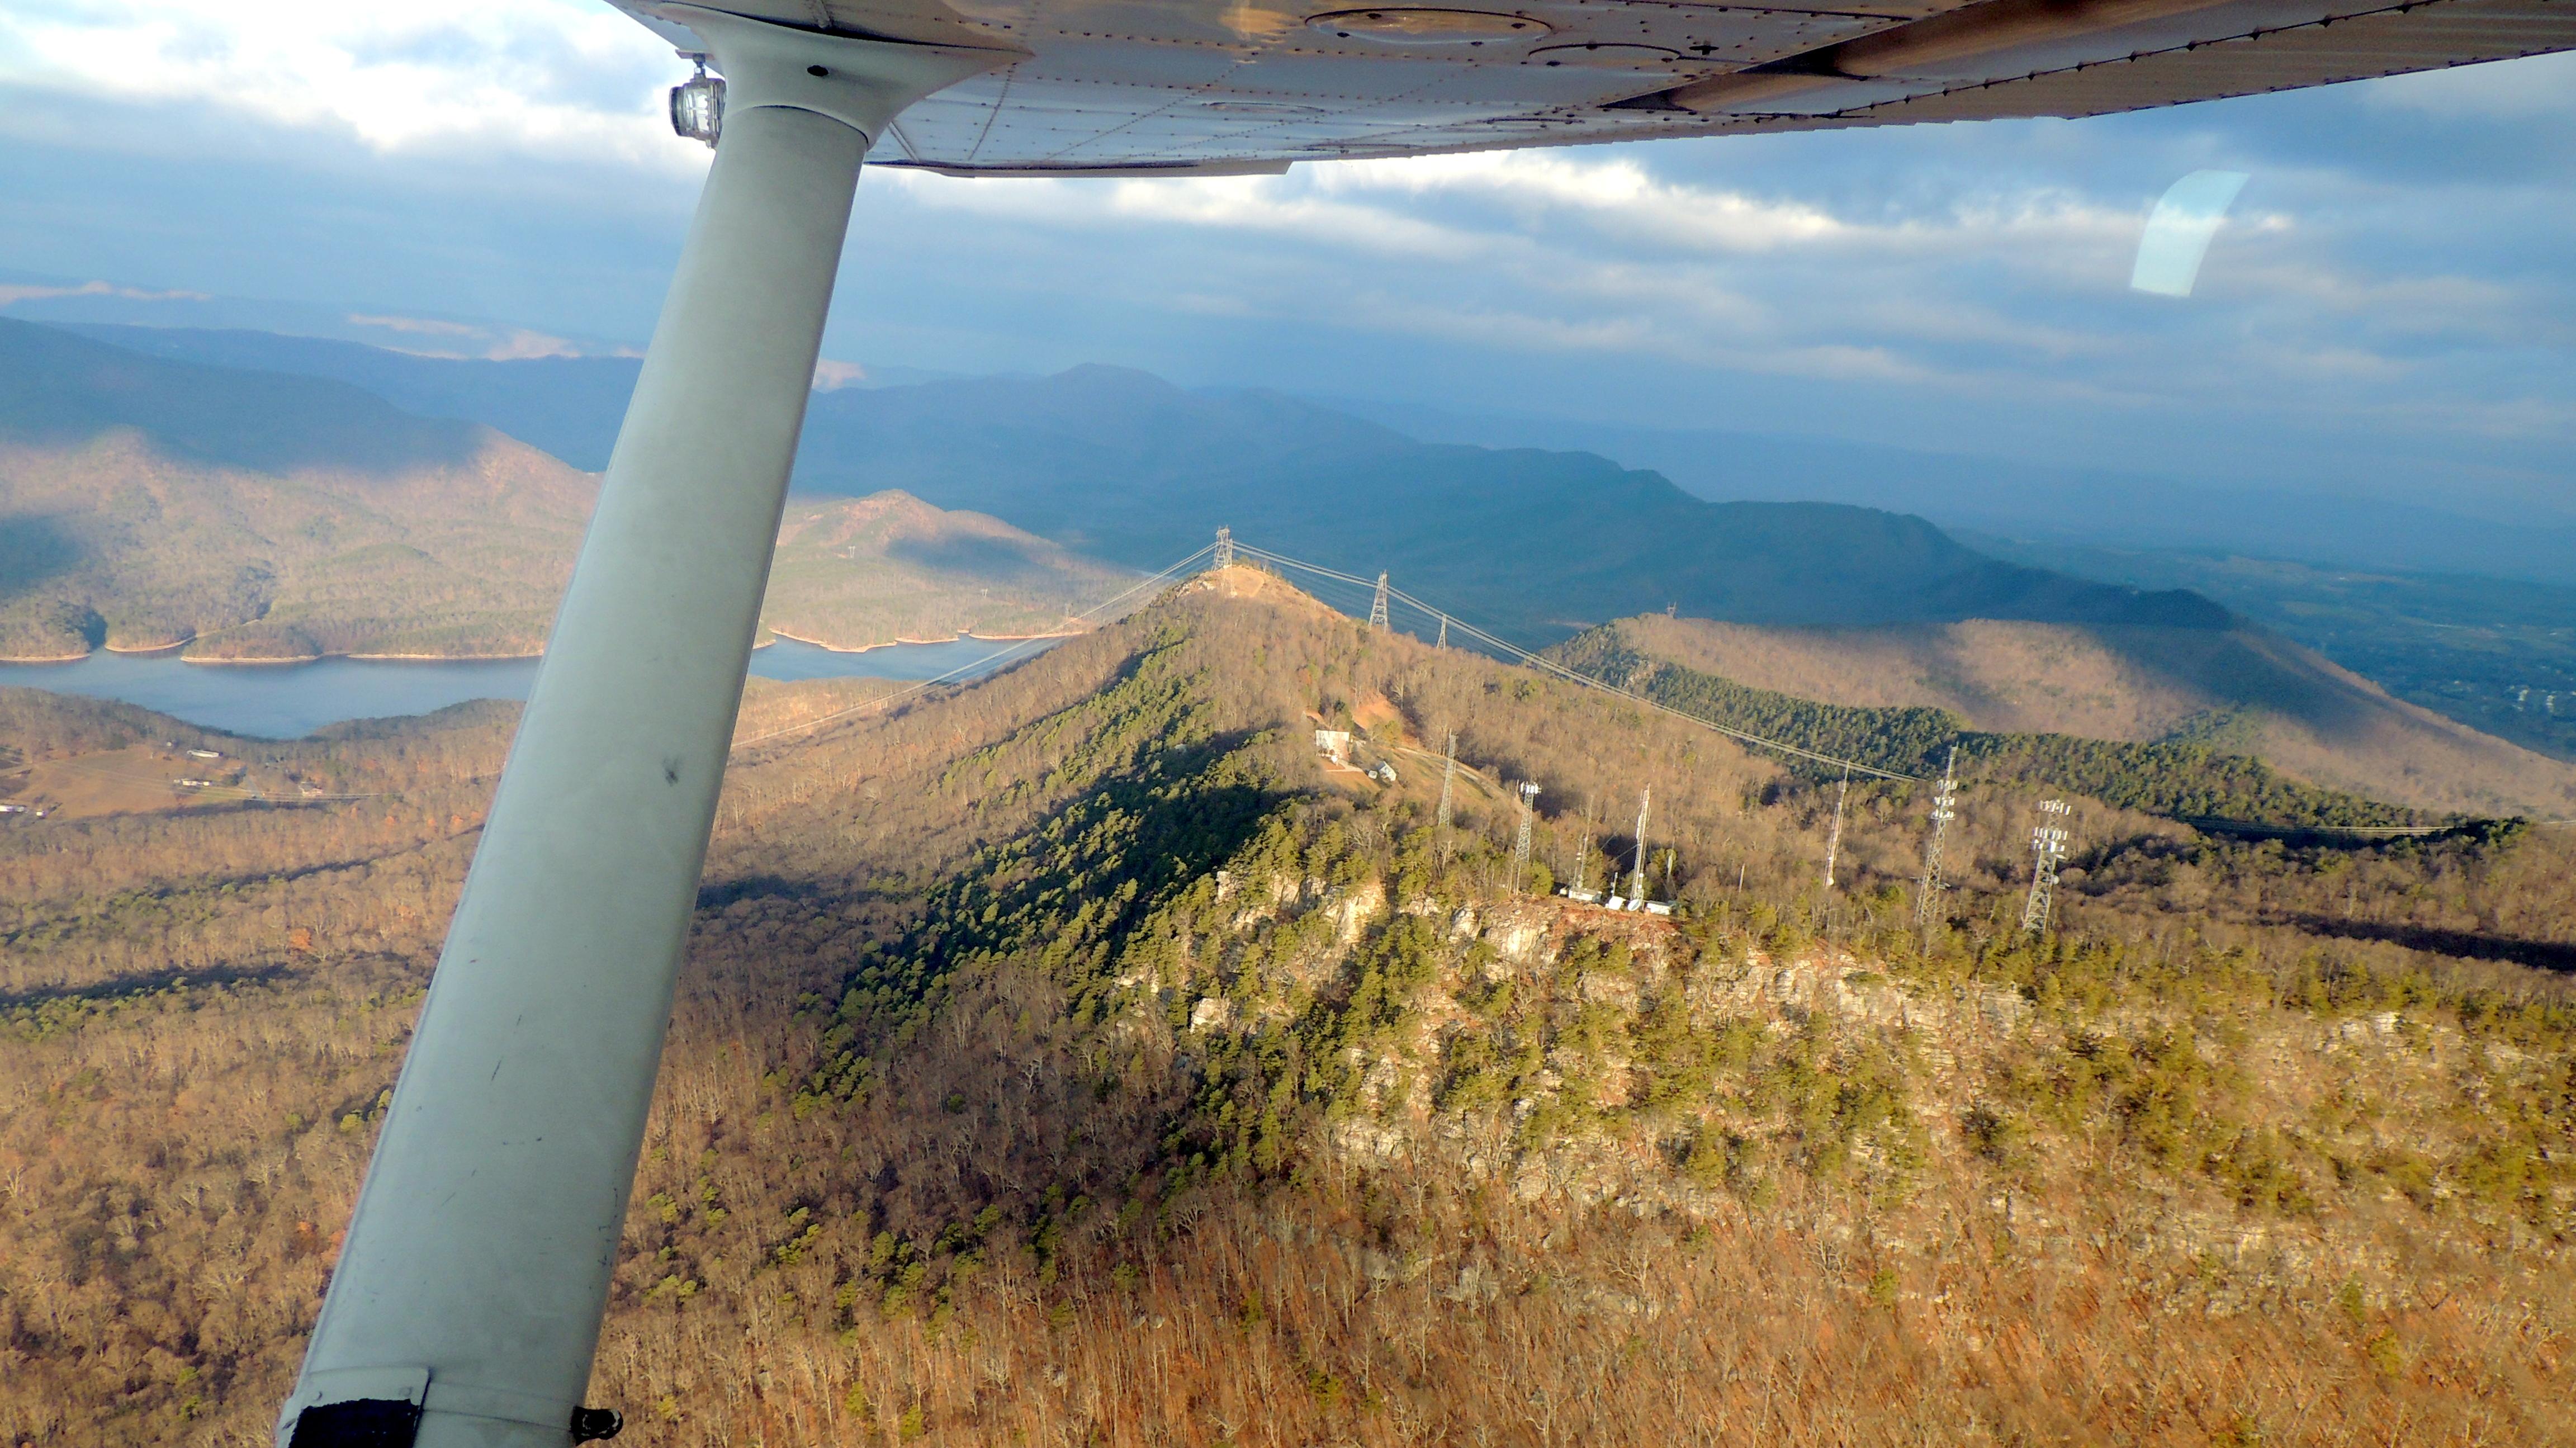 On approach into Roanoke